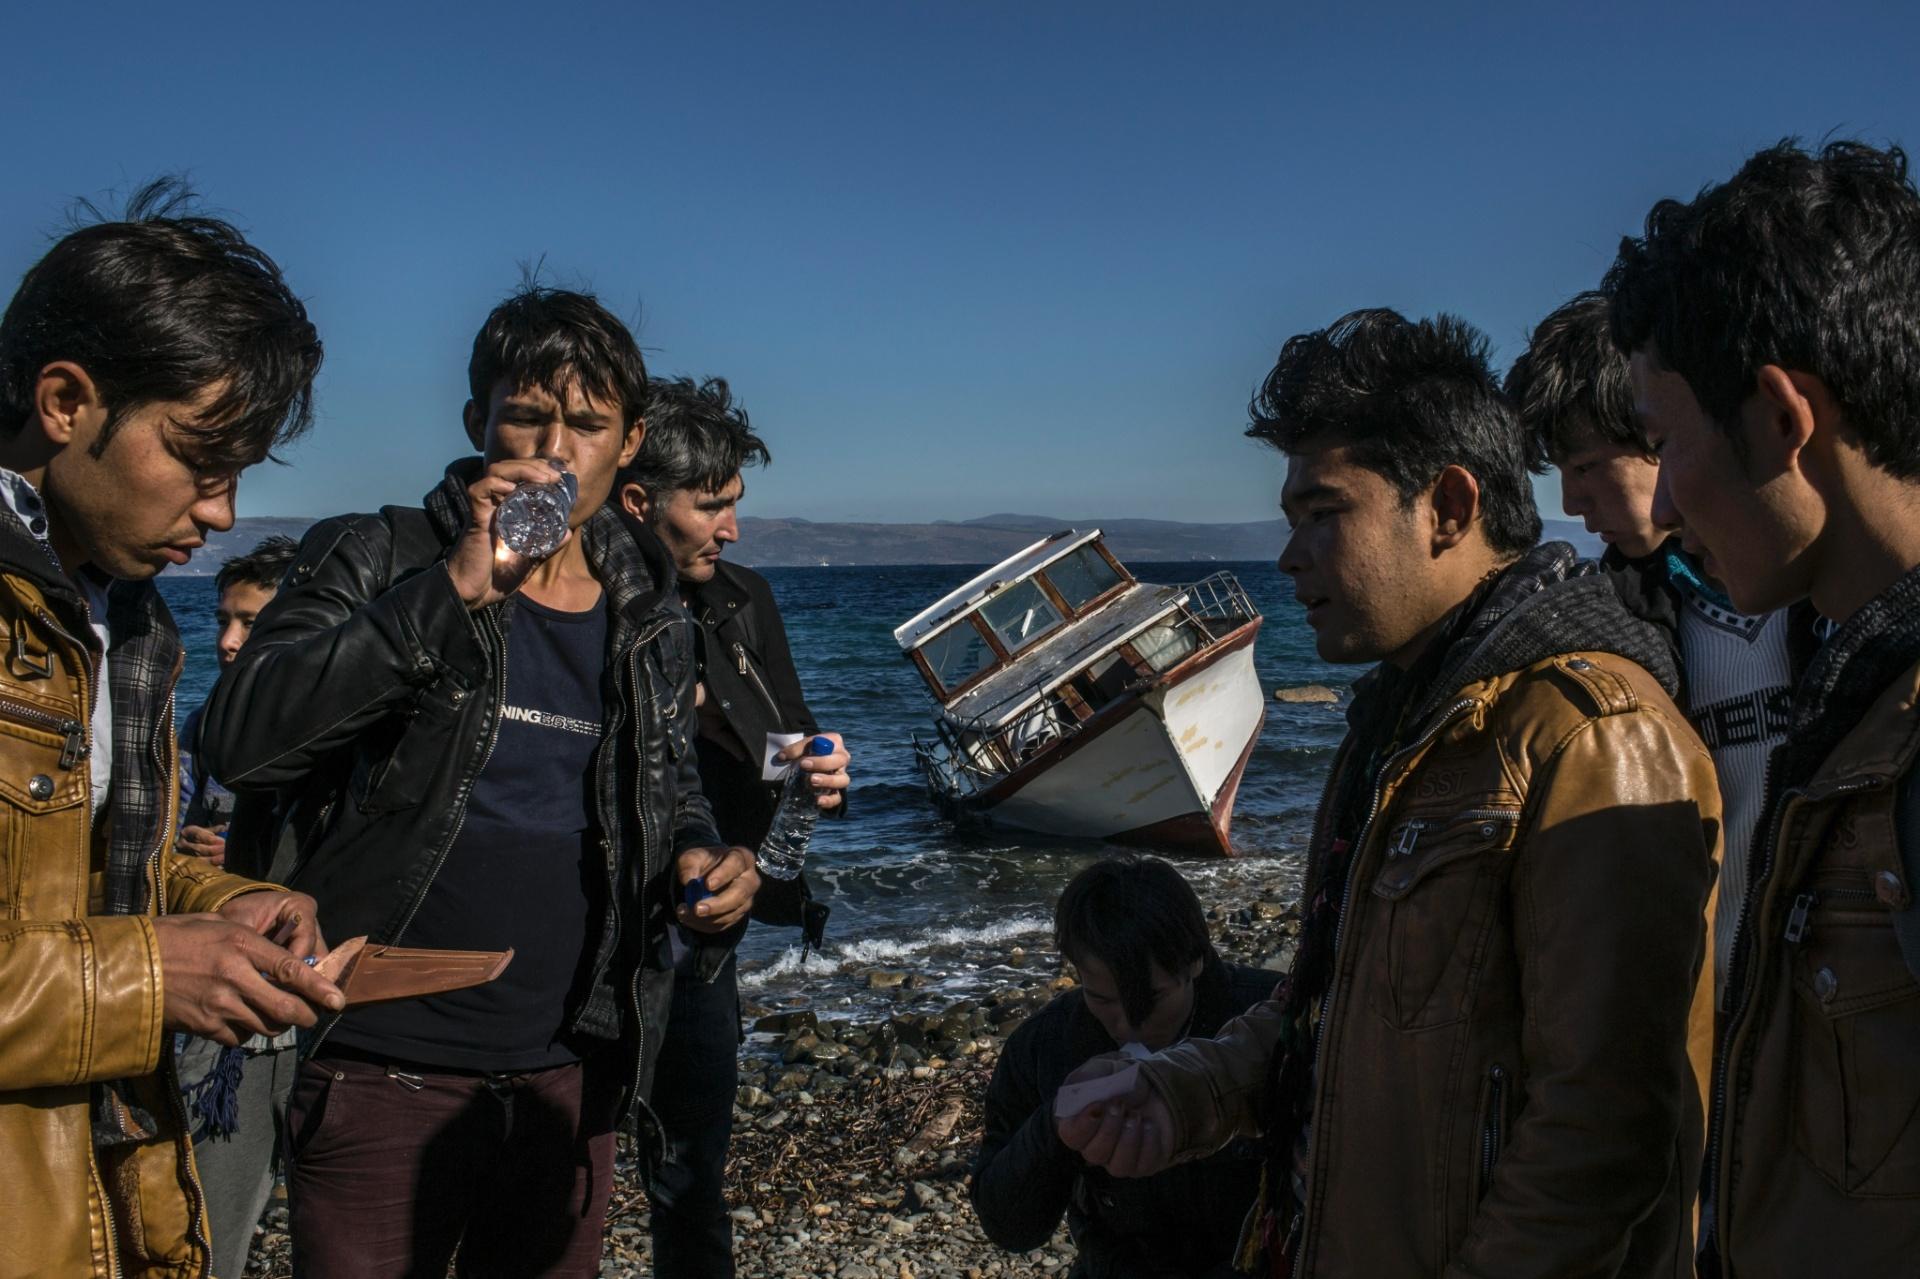 2.nov.2015 - Refugiados afegãos se reúnem em praia da Ilha de Lesbos (Grécia) após cruzar o Mar Egeu, a partir da Turquia